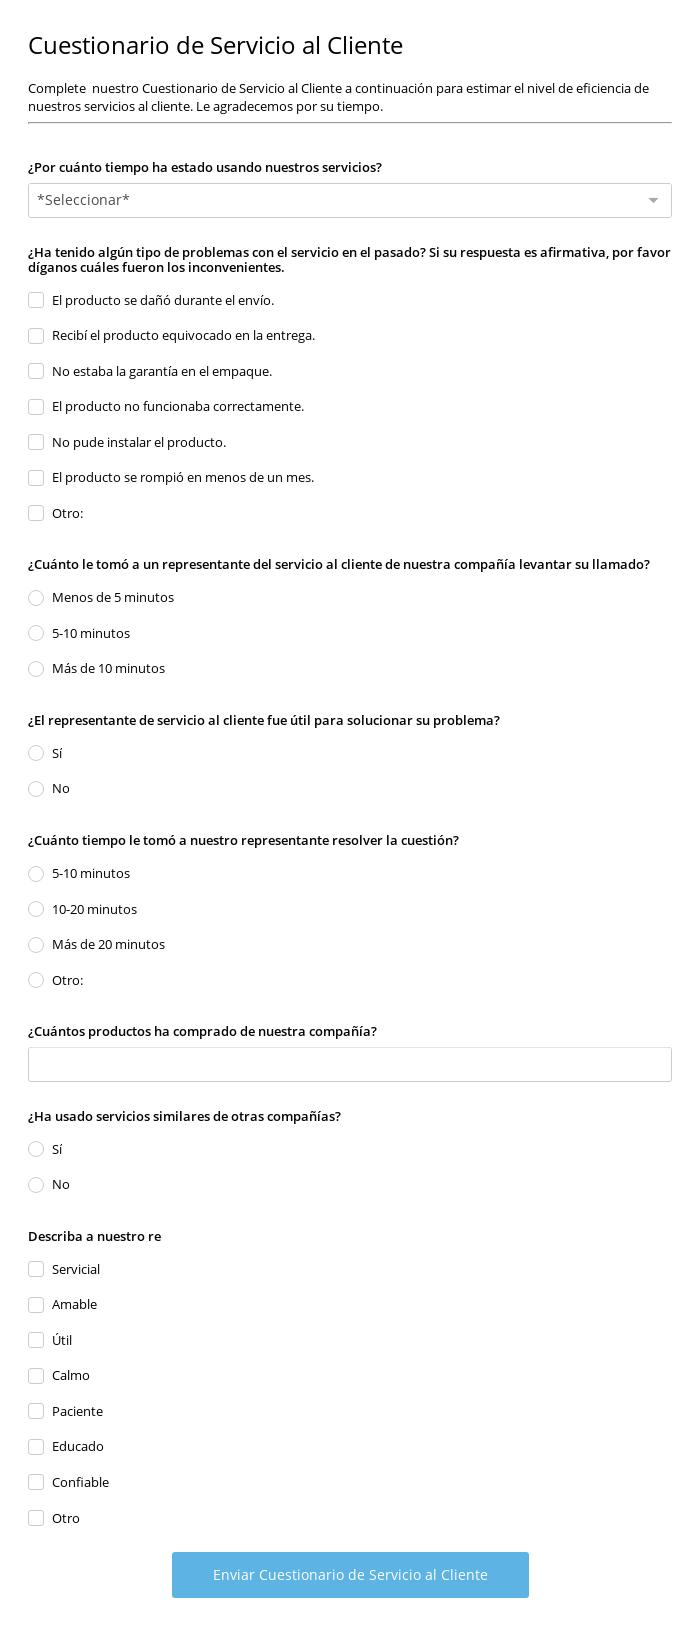 Cuestionario de Servicio al Cliente